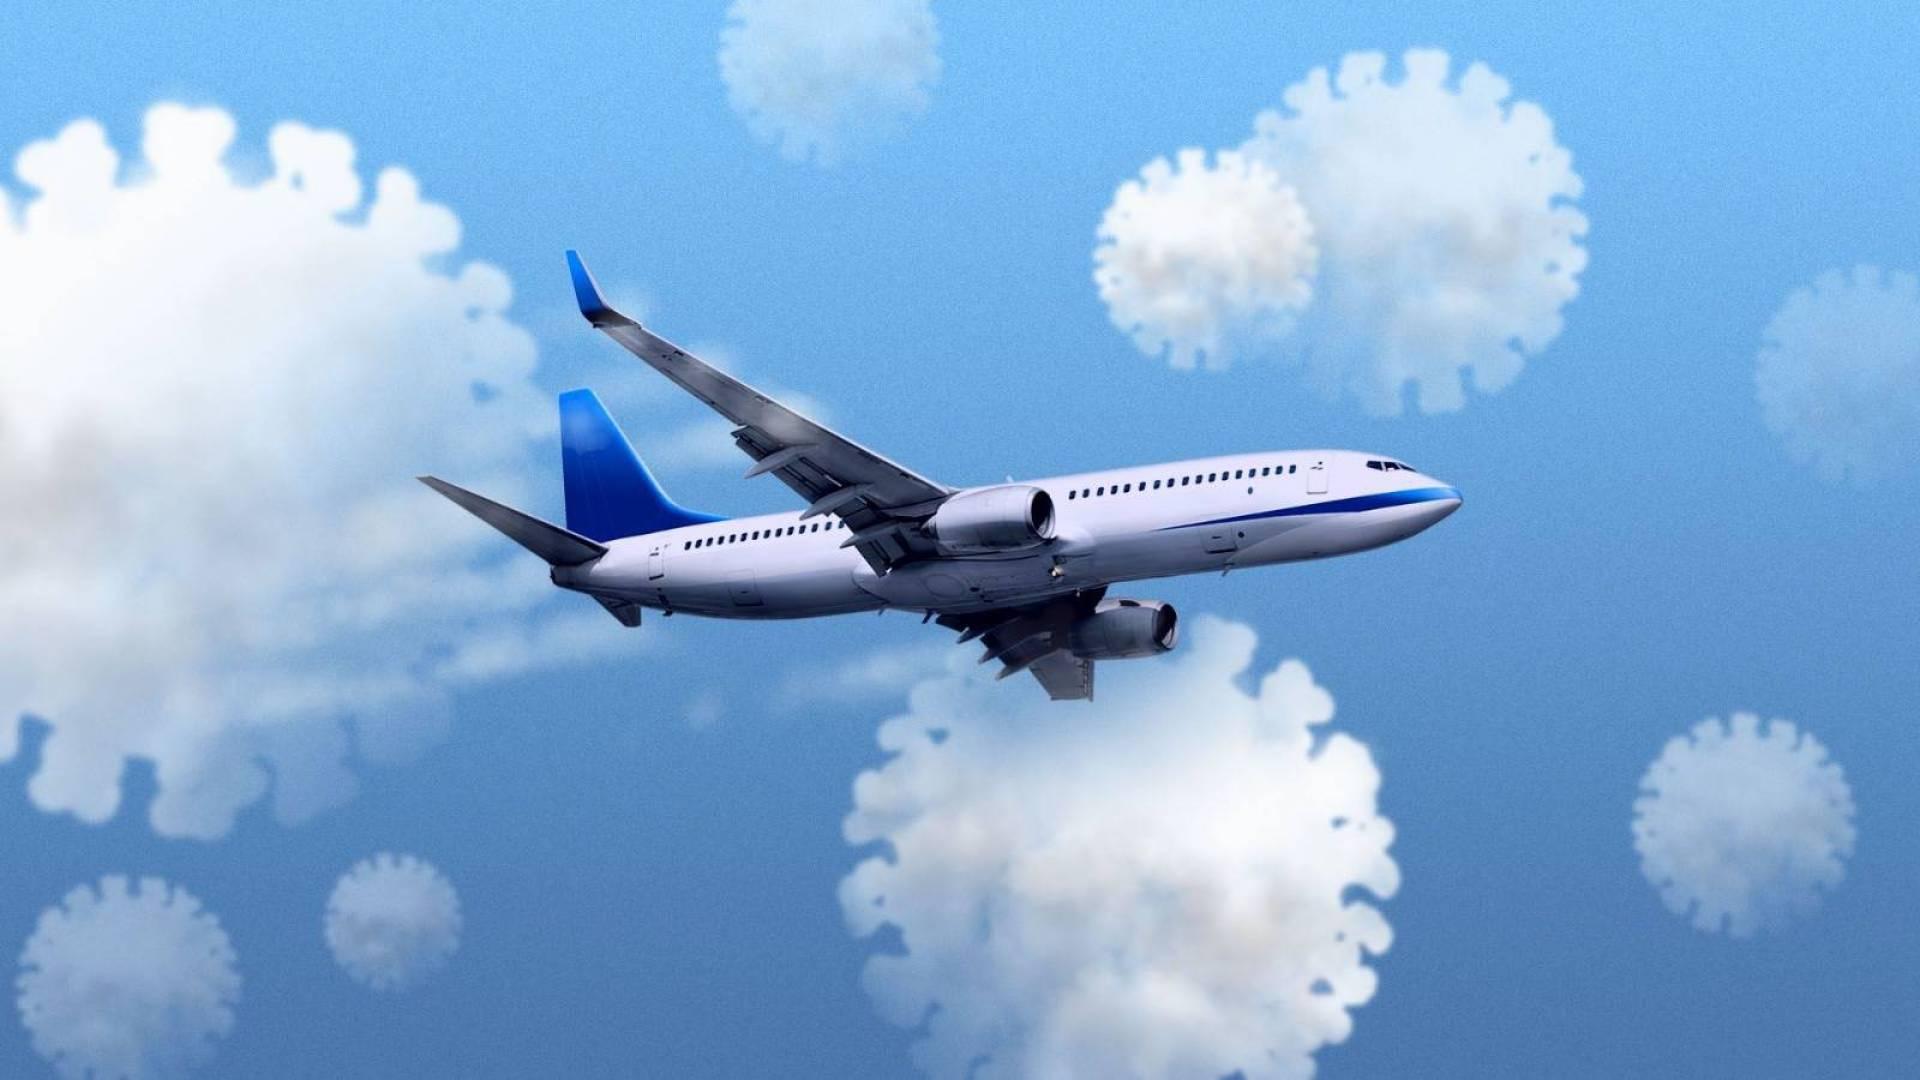 40 مليار دولار خسائر متوقعة لصناعة الطيران الأميركية حتى 2023